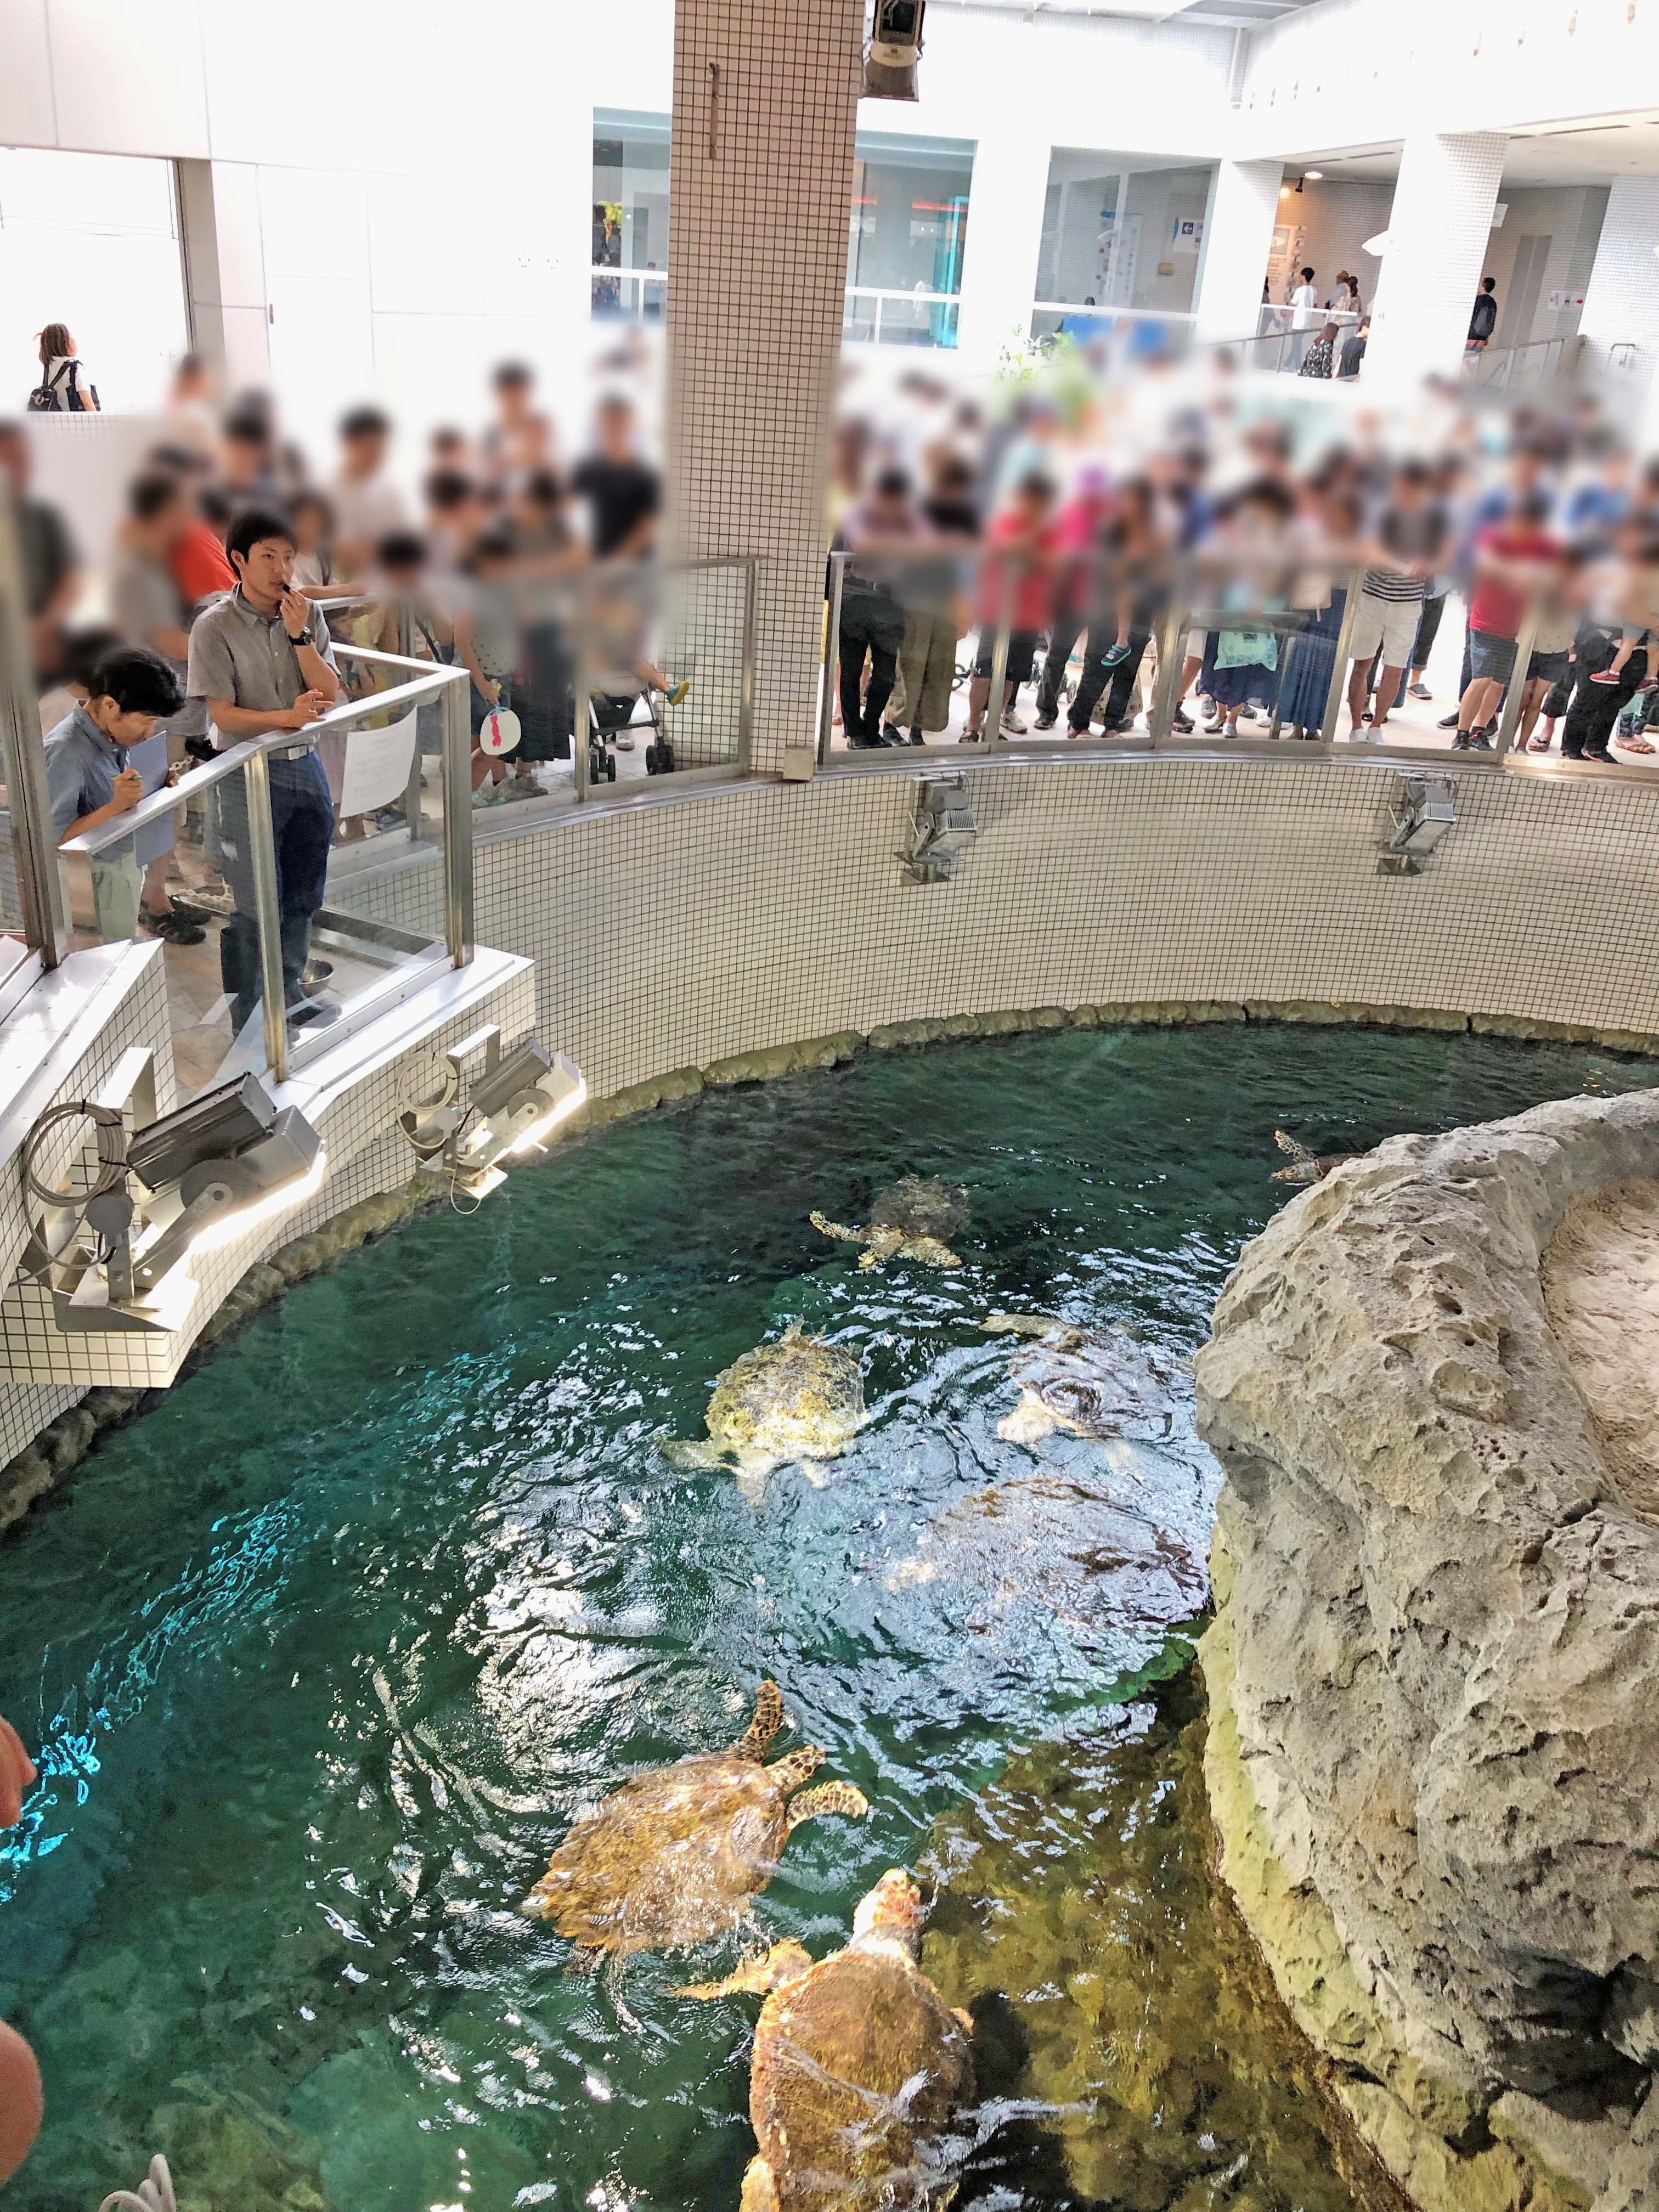 餌に群がる亀と、それを観察する客たち